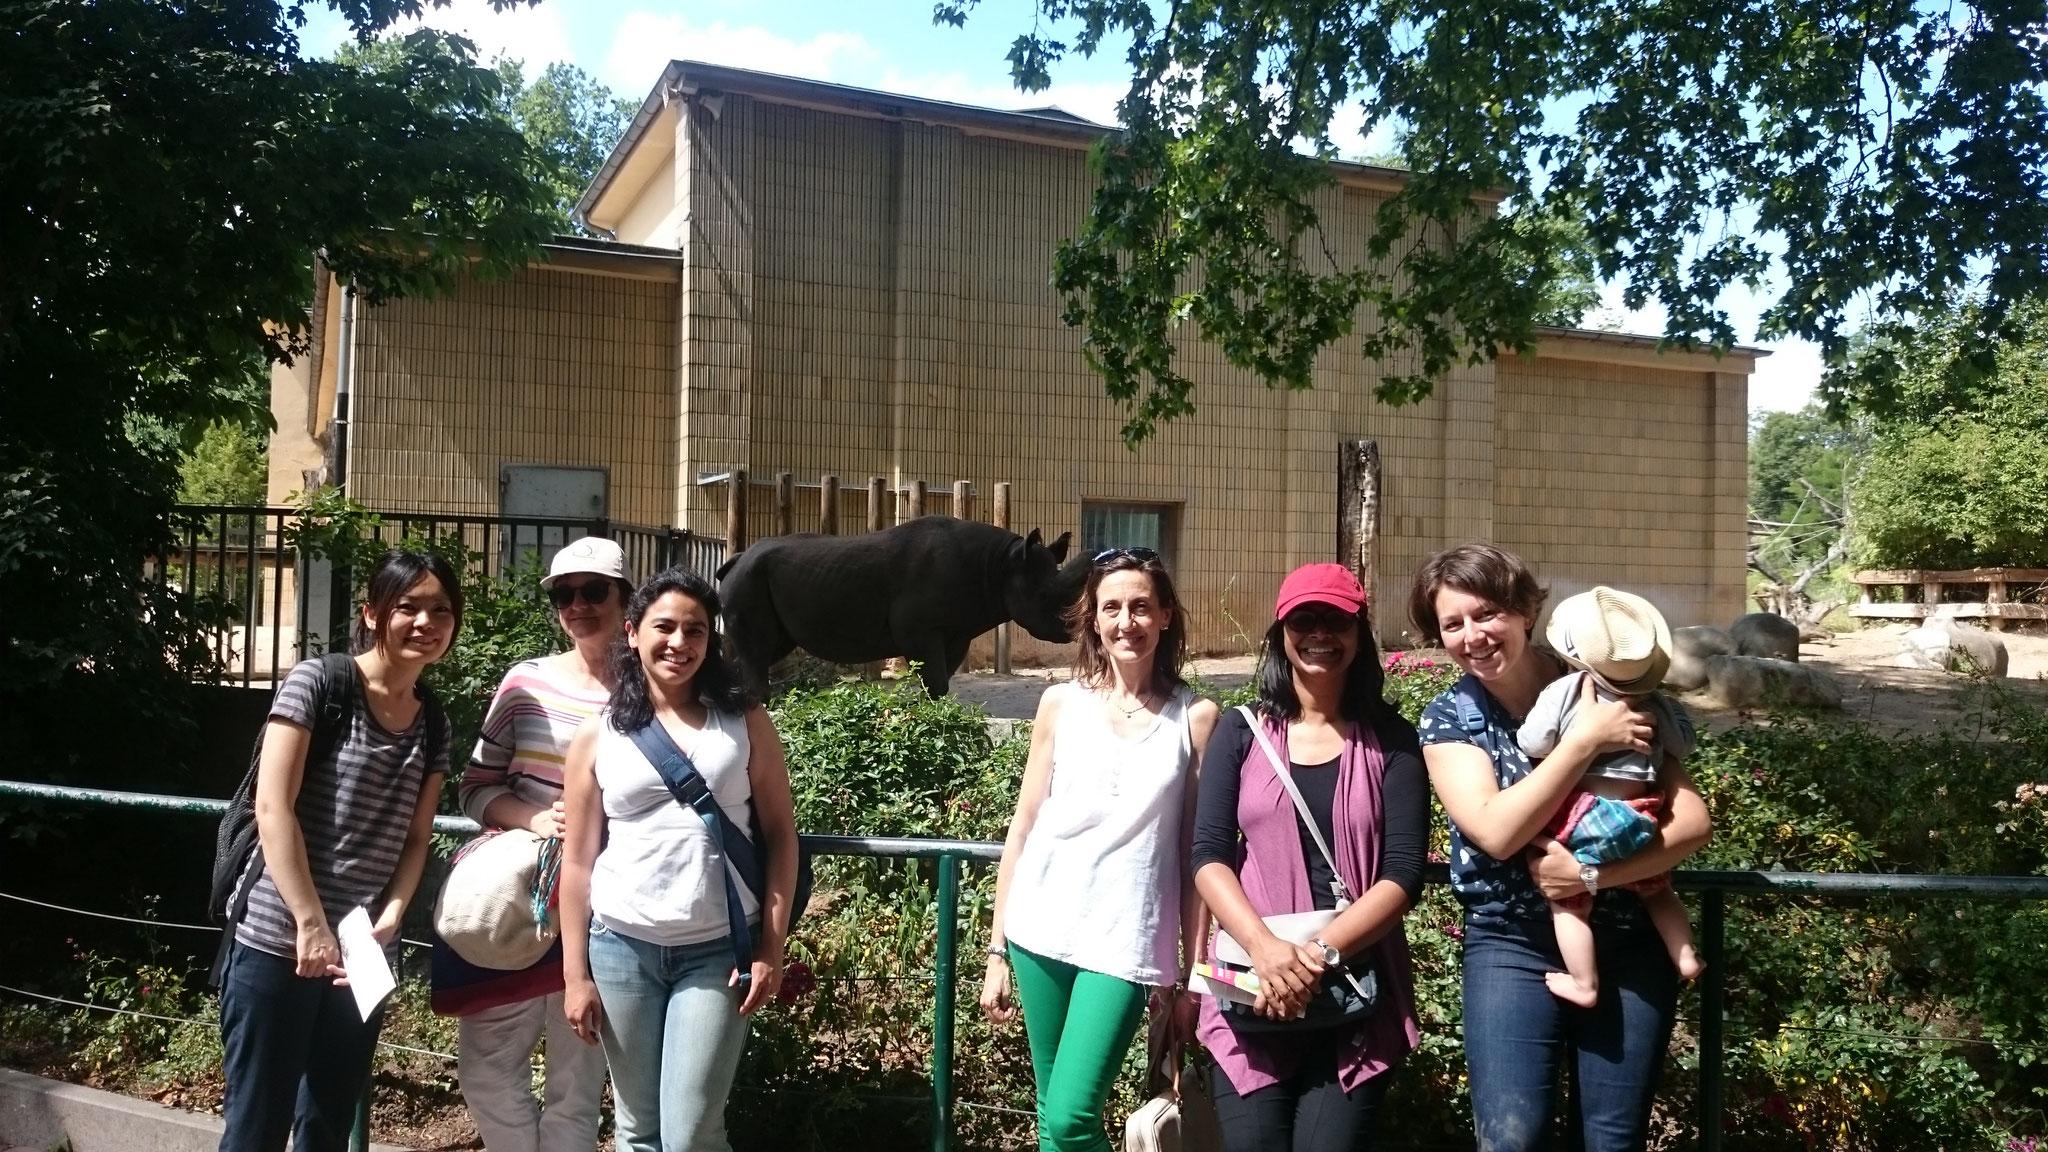 Das Spitzmaulnashorn steht vor dem Spitzmaulnashornhaus. (The Black Rhino is in front of the Black Rhino house. )